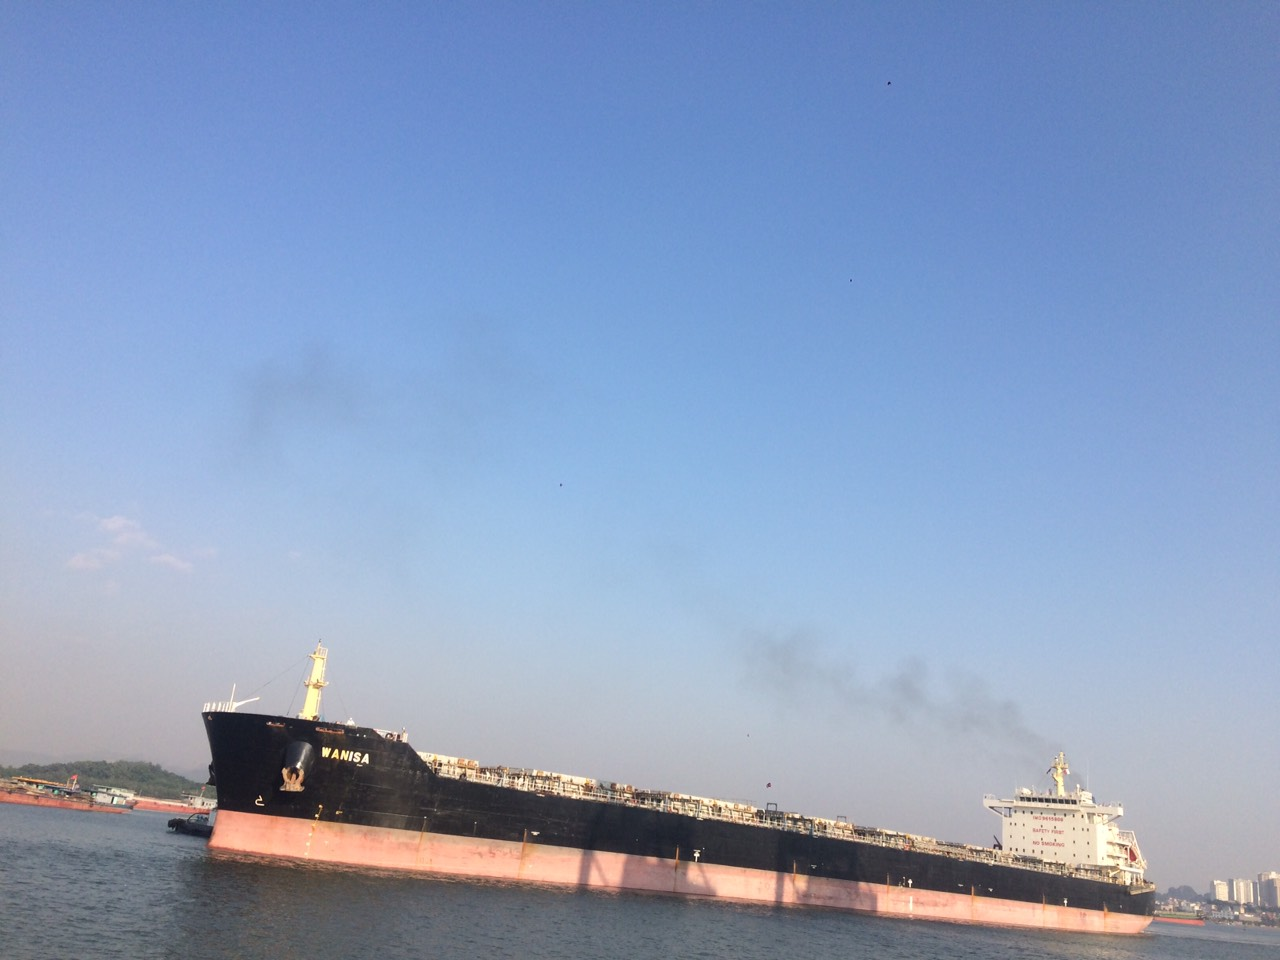 Tầu Wanisa Ngô cảng Cái Lân